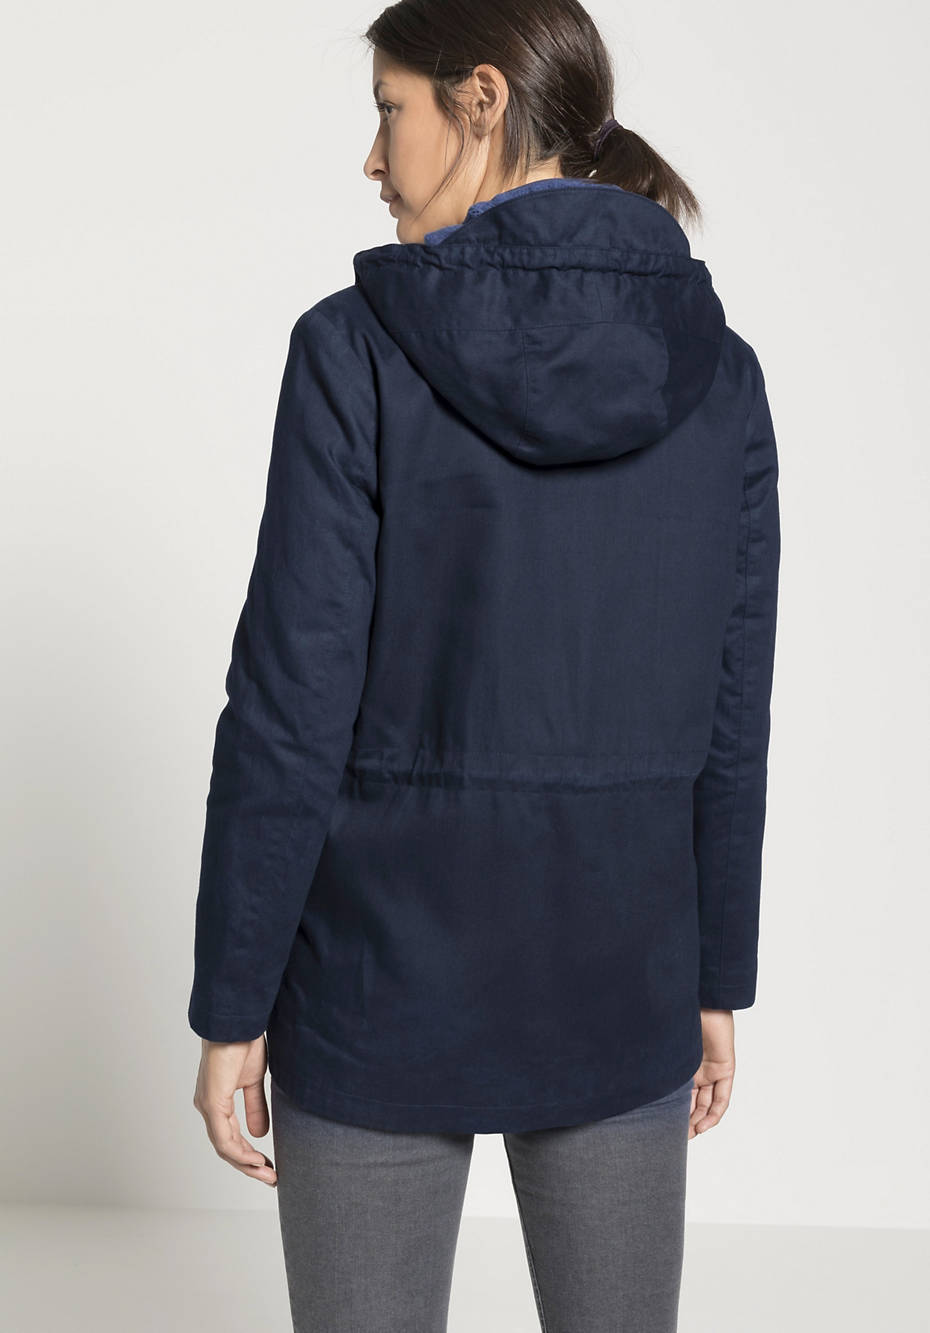 Wachsjacke aus reiner Bio-Baumwolle